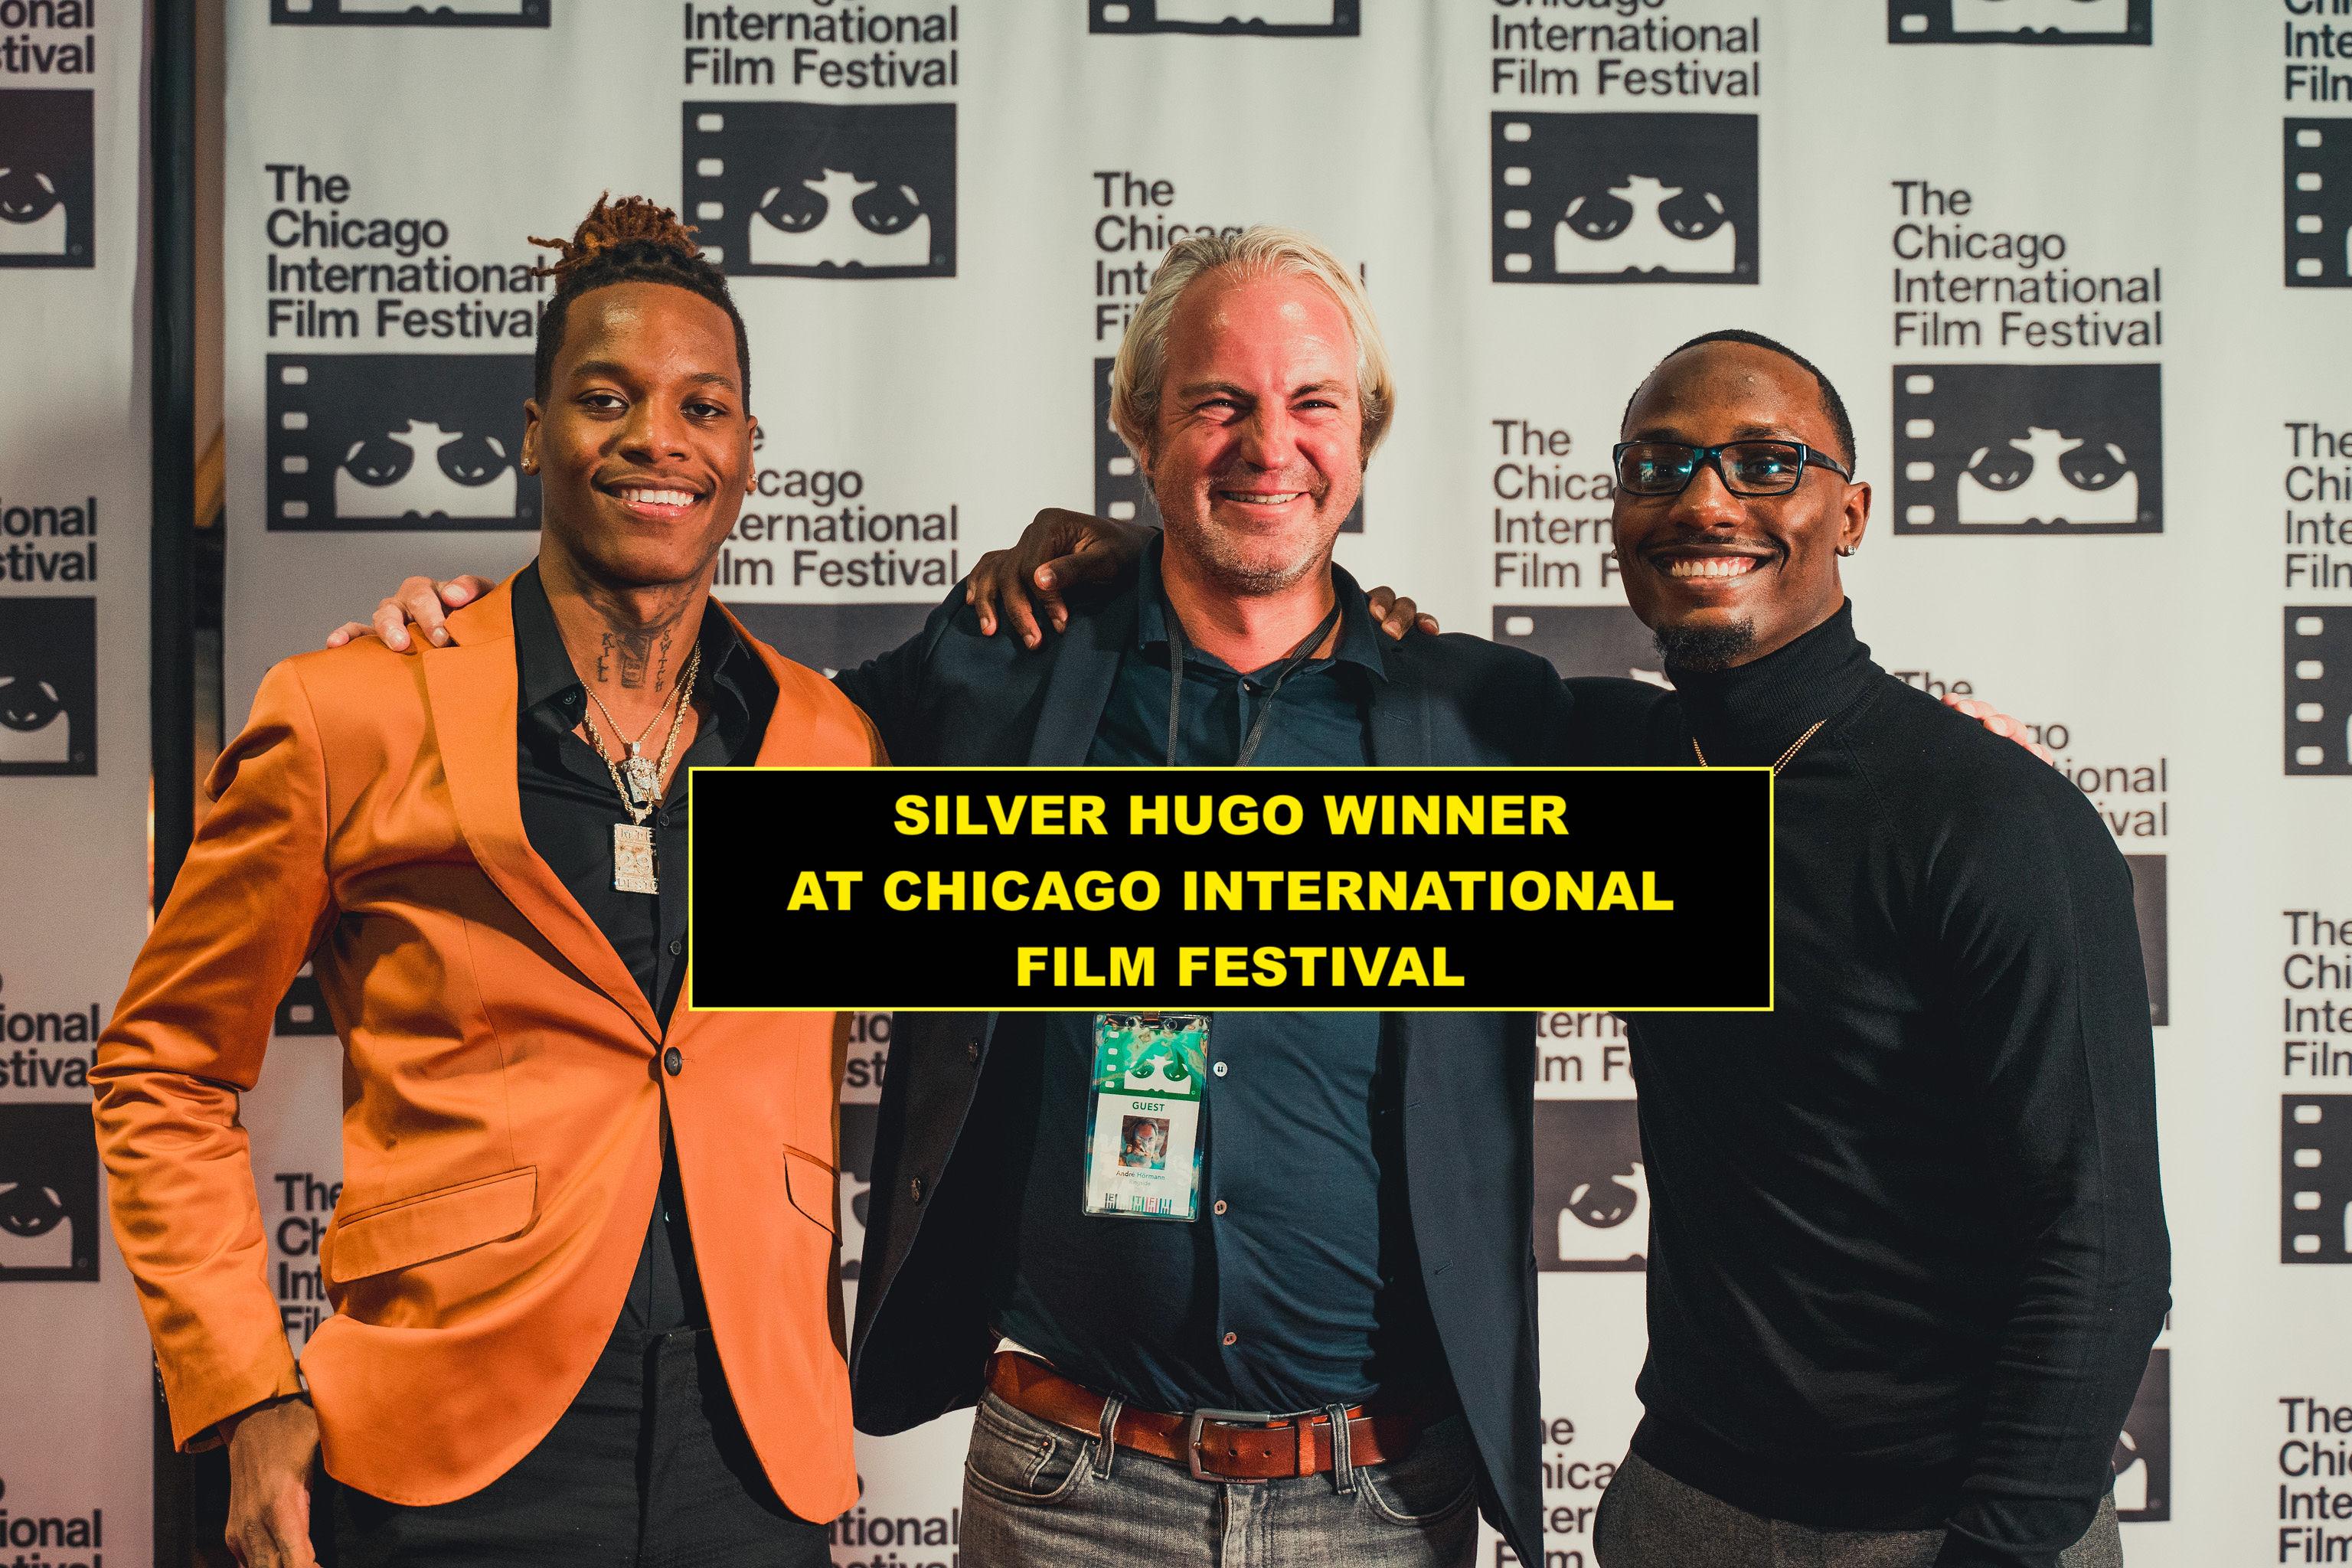 Silver Hugo Winner